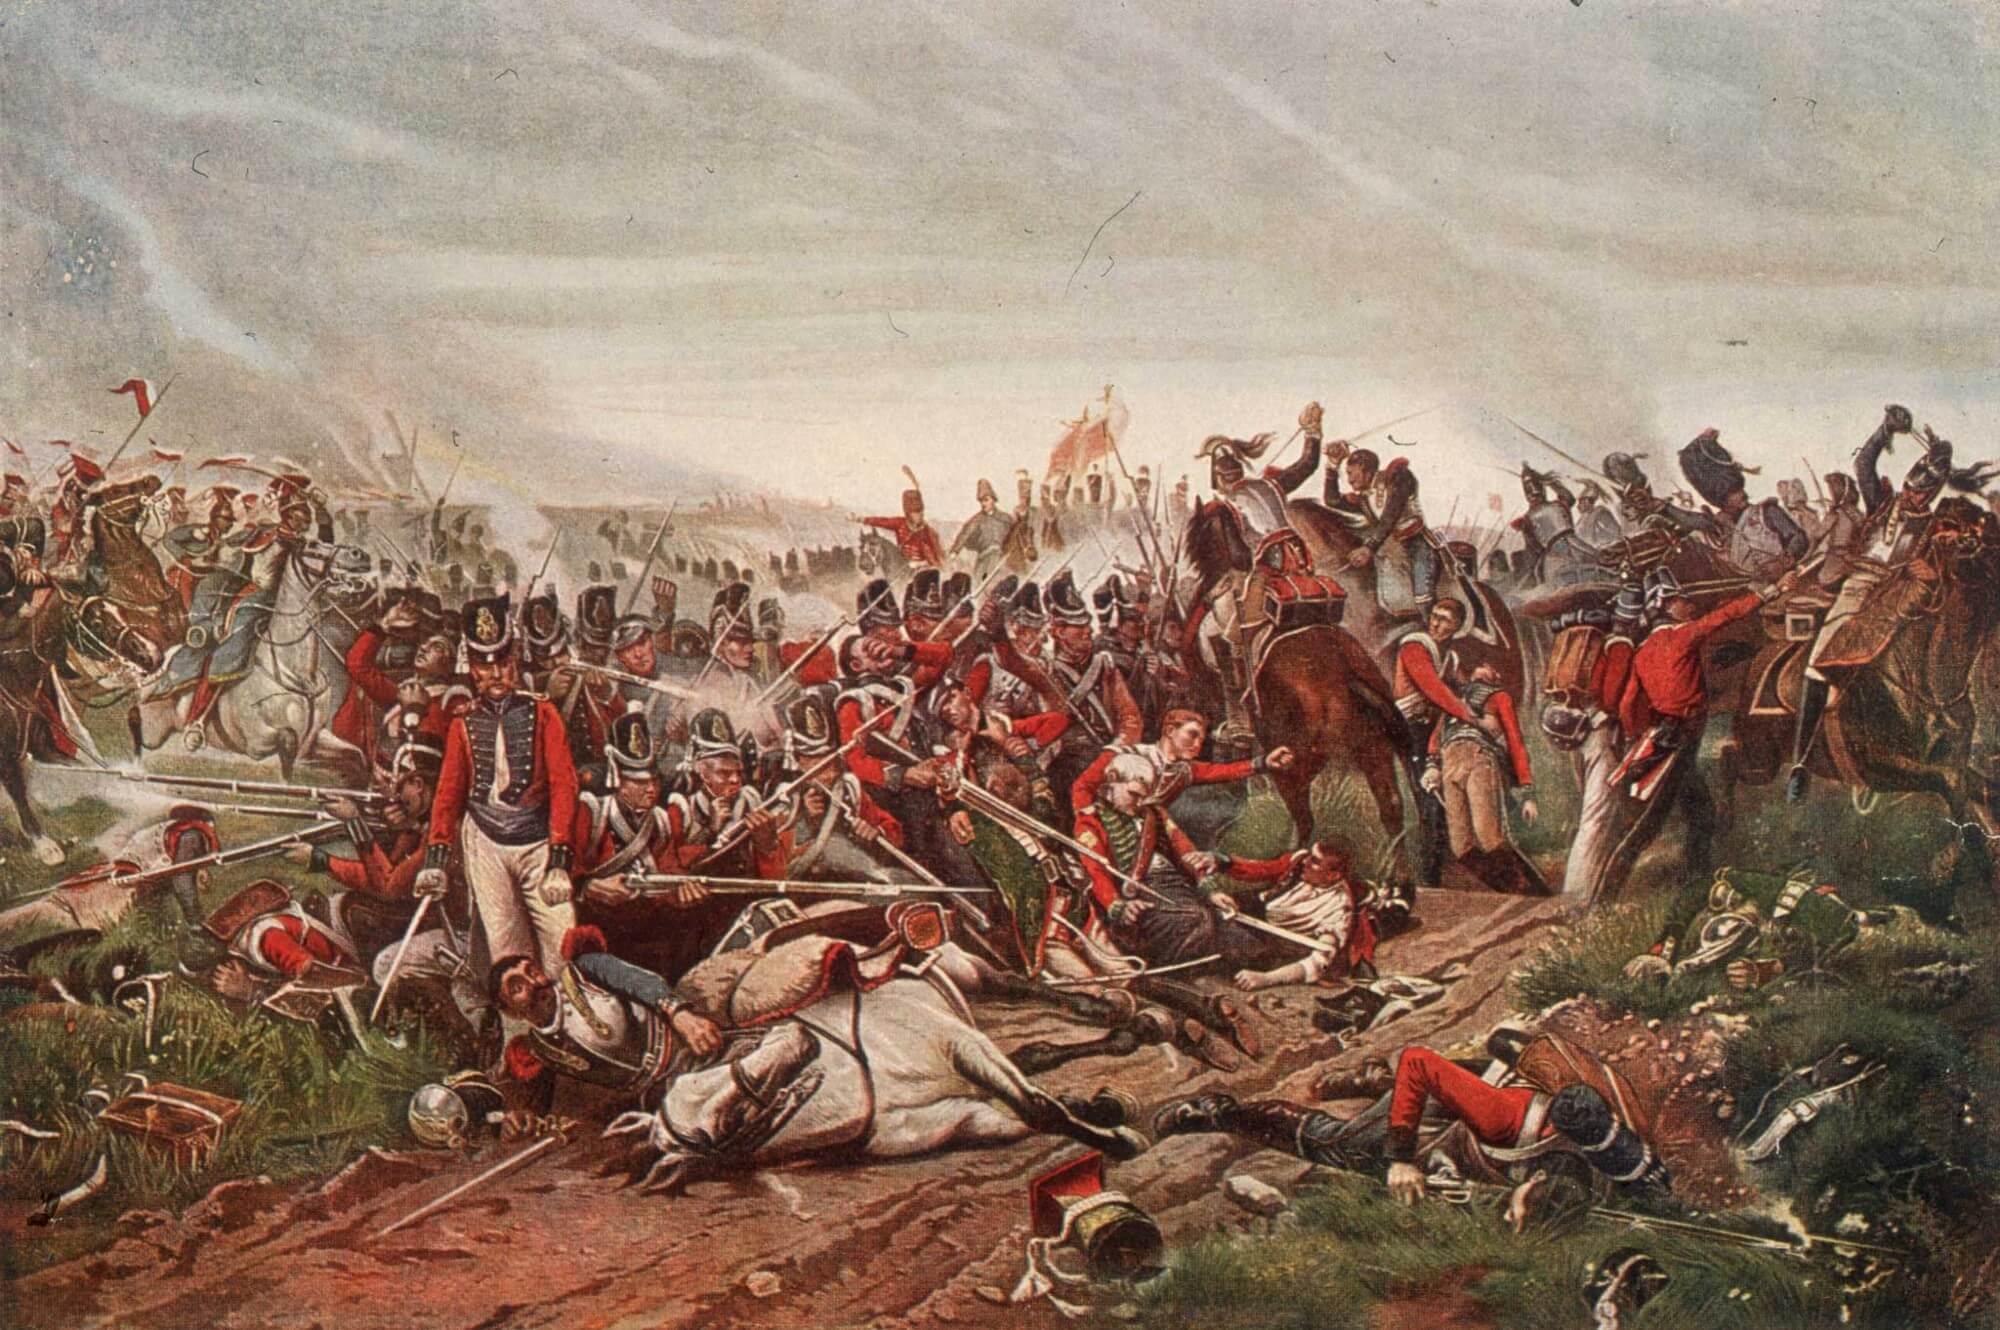 Haydn - Missa in Tempore Belli (Missa em Tempo de Guerra)